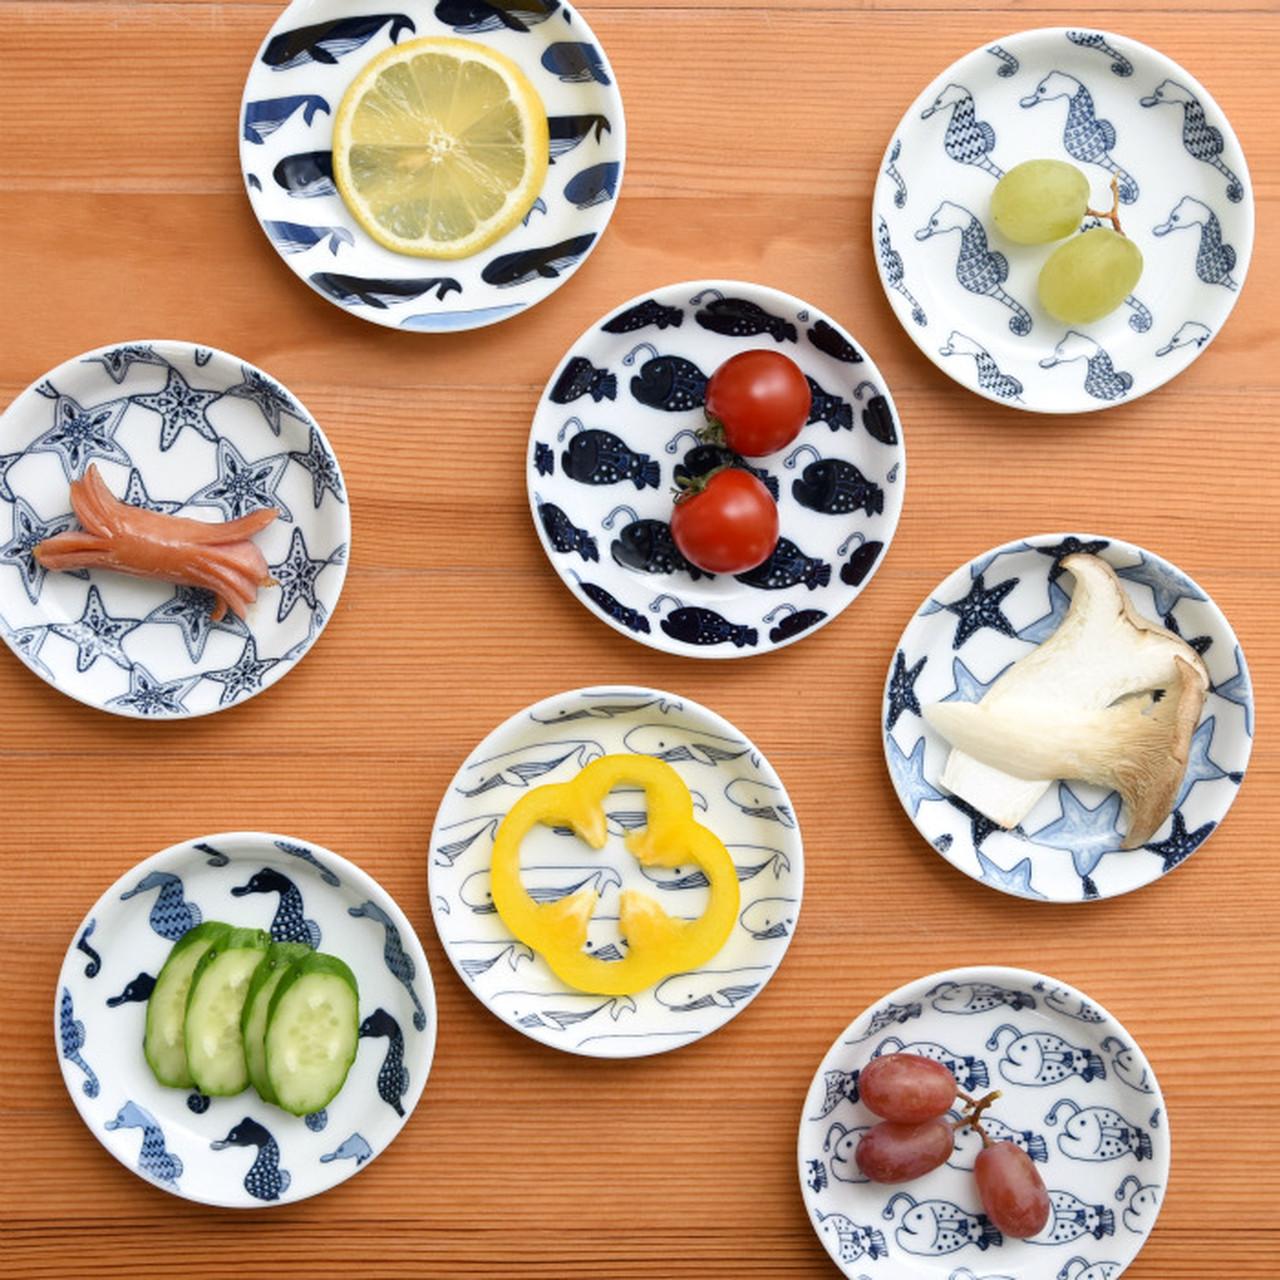 【波佐見焼】【natural69】【cocomarine×Janke】【豆皿】 ココマリンヤンケ お魚 海水魚 食器 北欧 小皿 おしょうゆ皿